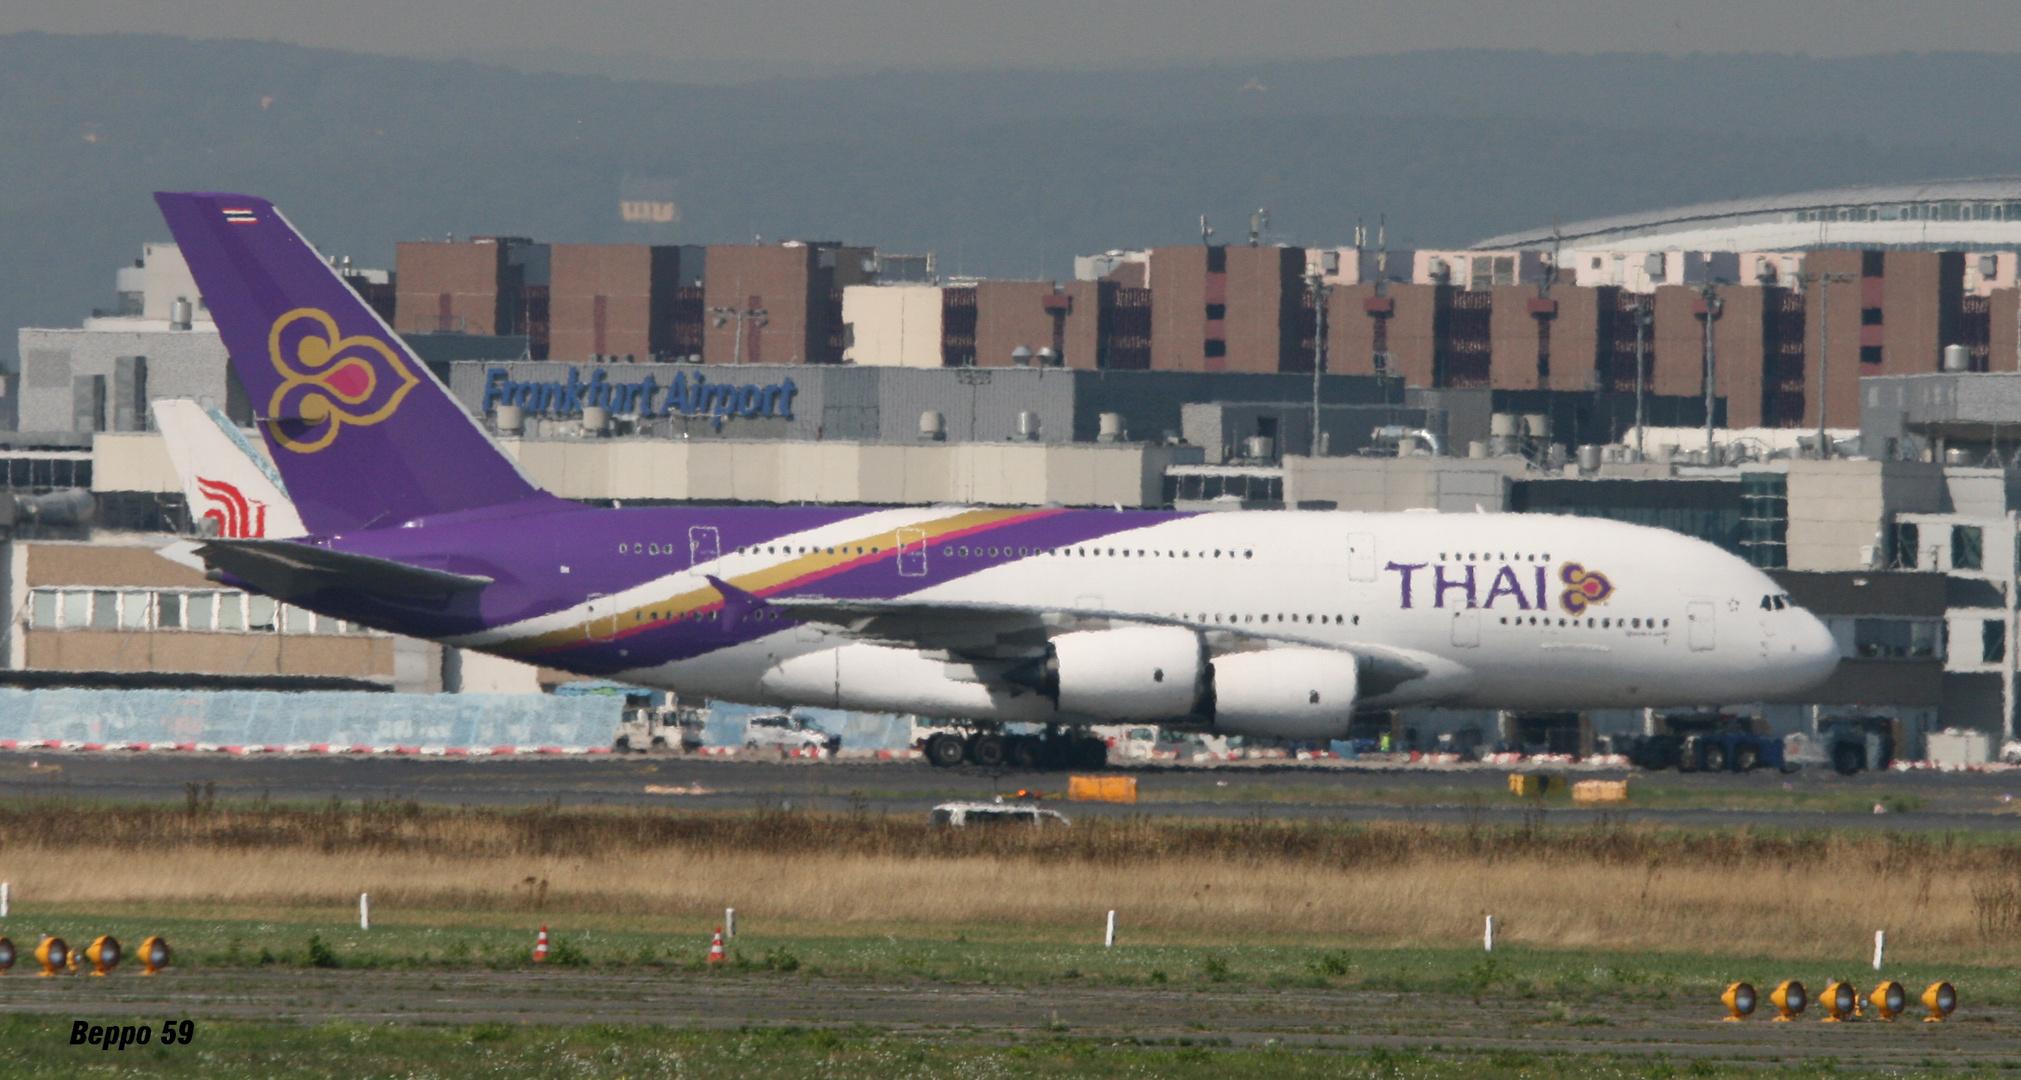 Thai - Air A 380